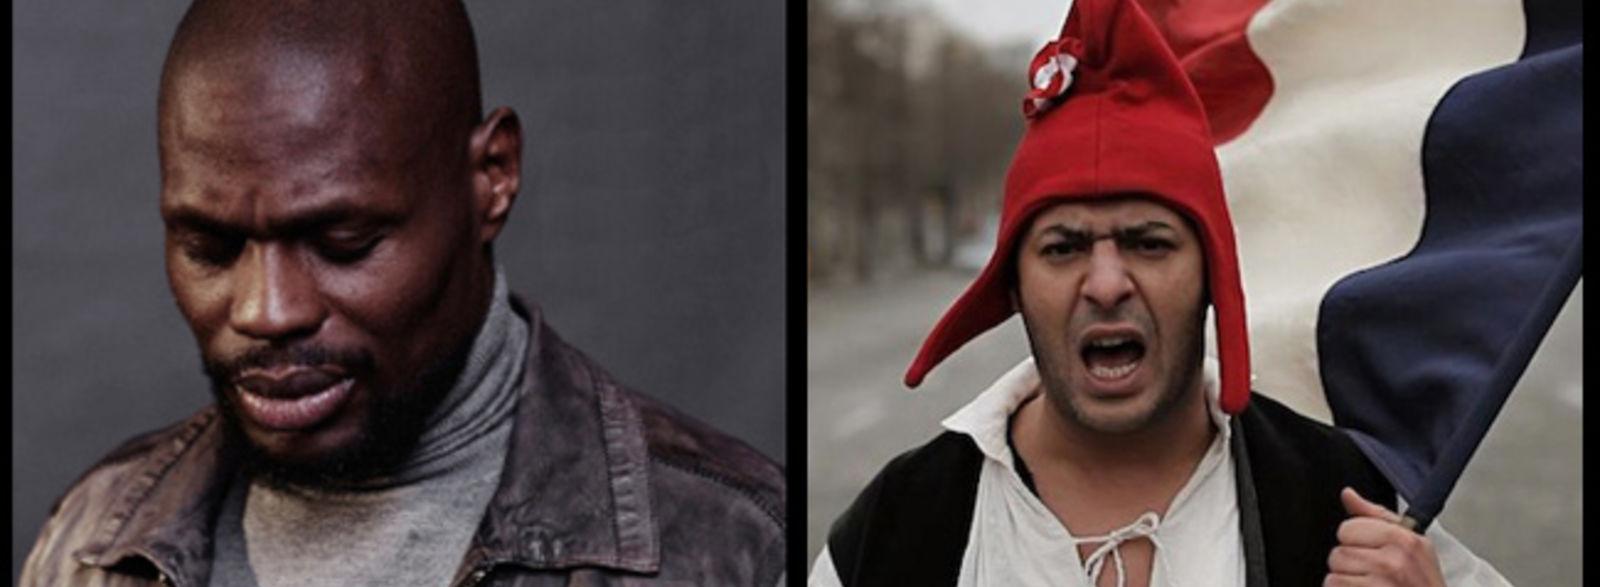 Racisme et République : ils le disent en chansons